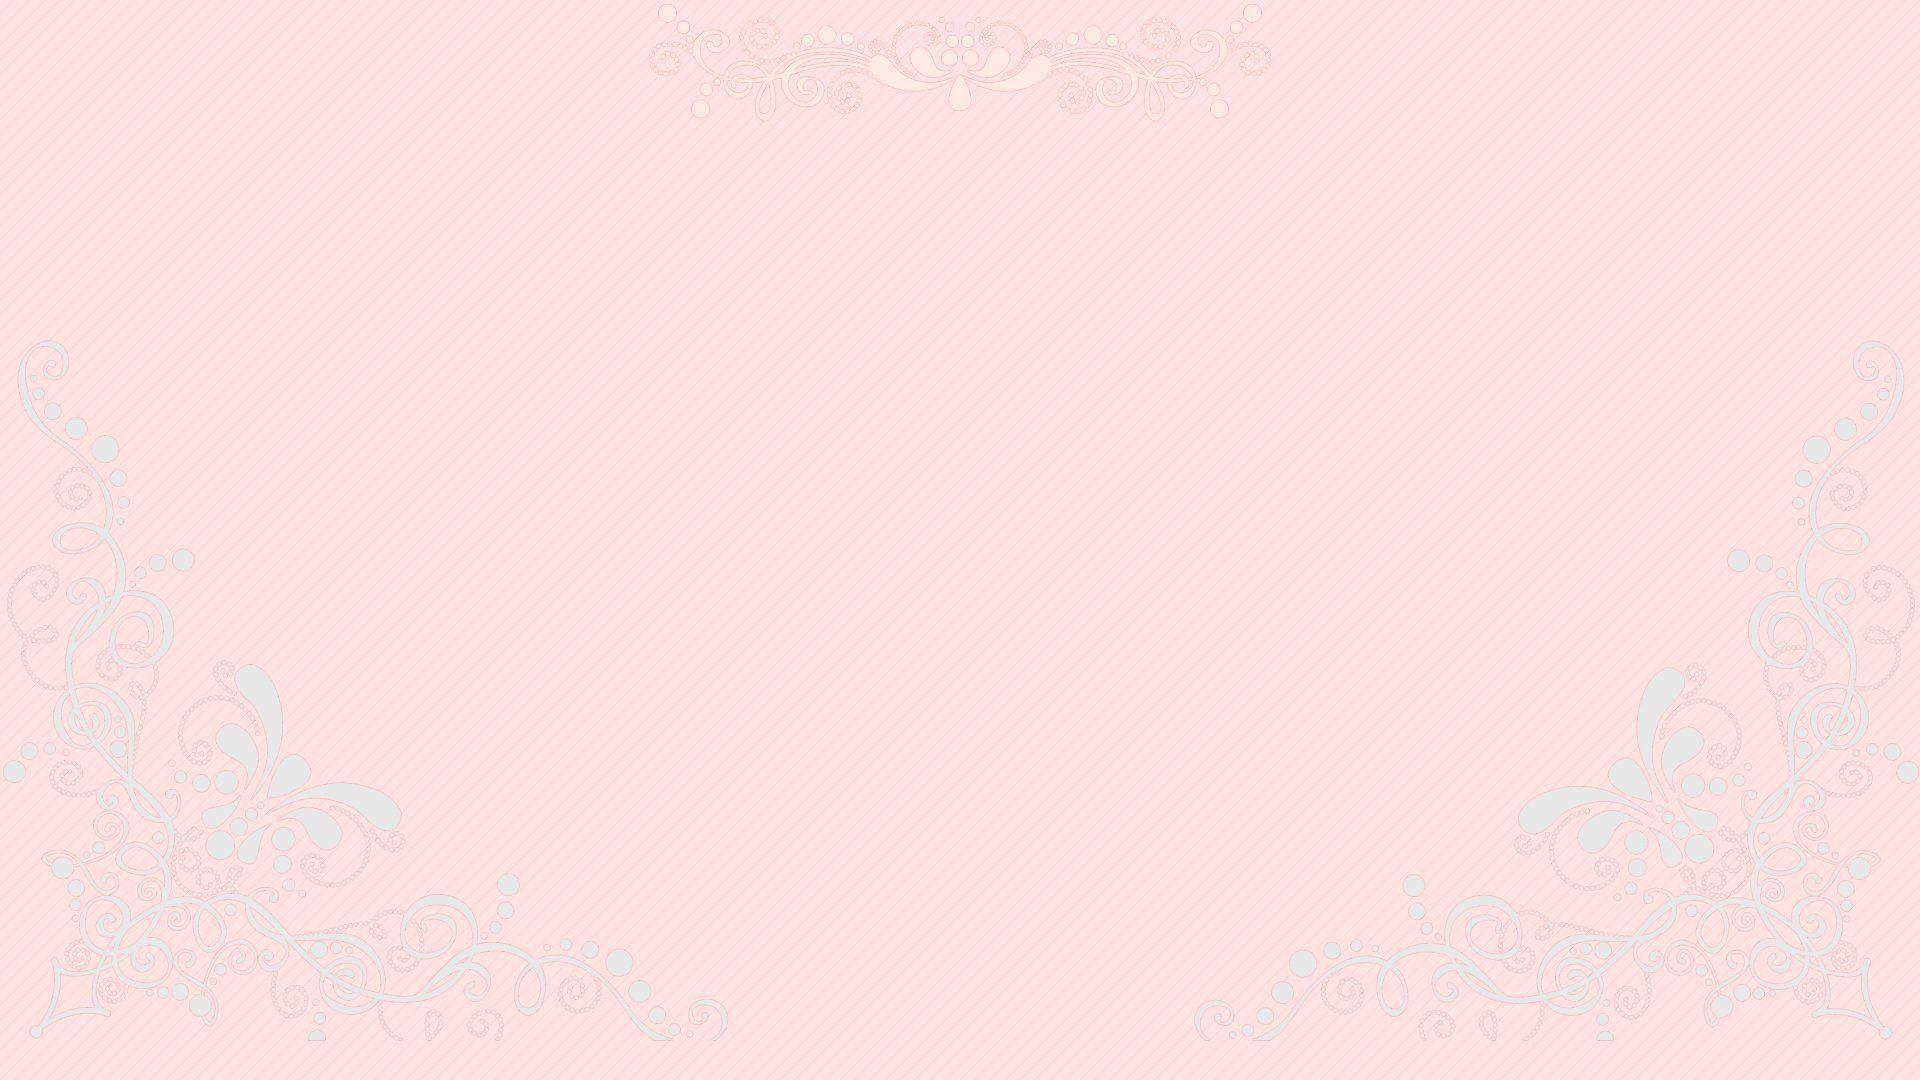 Kawaii Pastel Laptop Wallpapers Top Free Kawaii Pastel Laptop Backgrounds Wallpaperaccess